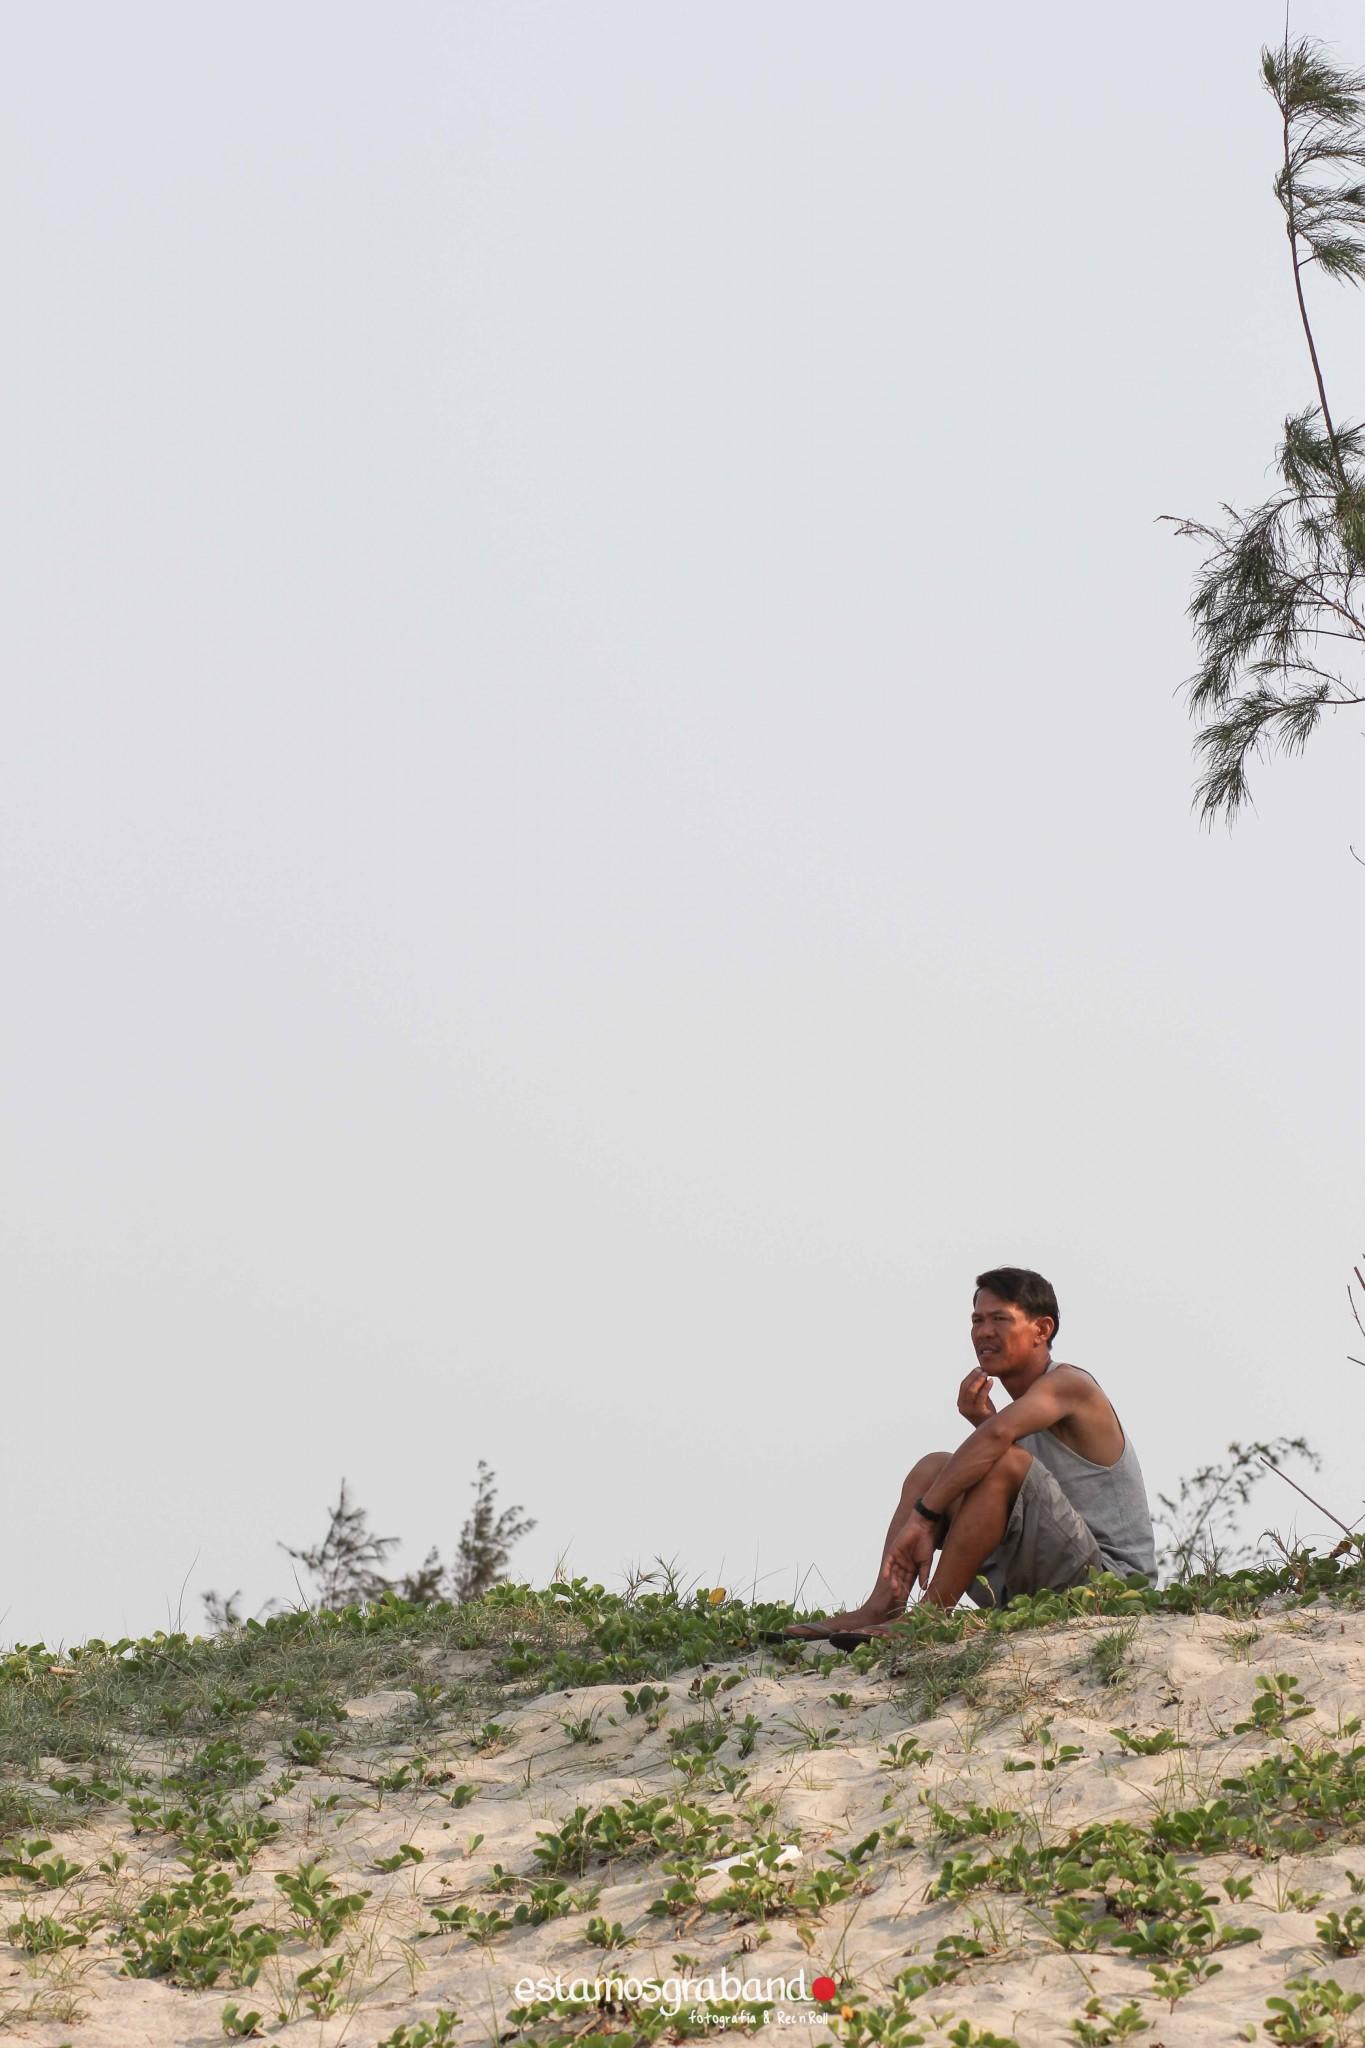 reportaje-vietnam_fotograficc81a-vietnam_estamosgrabando-vietnam_rutasvietnam_reportaje-retratos-fotos-vietnam_fotografia-vietnam_reportaje-estamosgrabando-fotograficc81a-vietnam-93 Pequeños grandes recuerdos de Vietnam en 100 imágenes - video boda cadiz